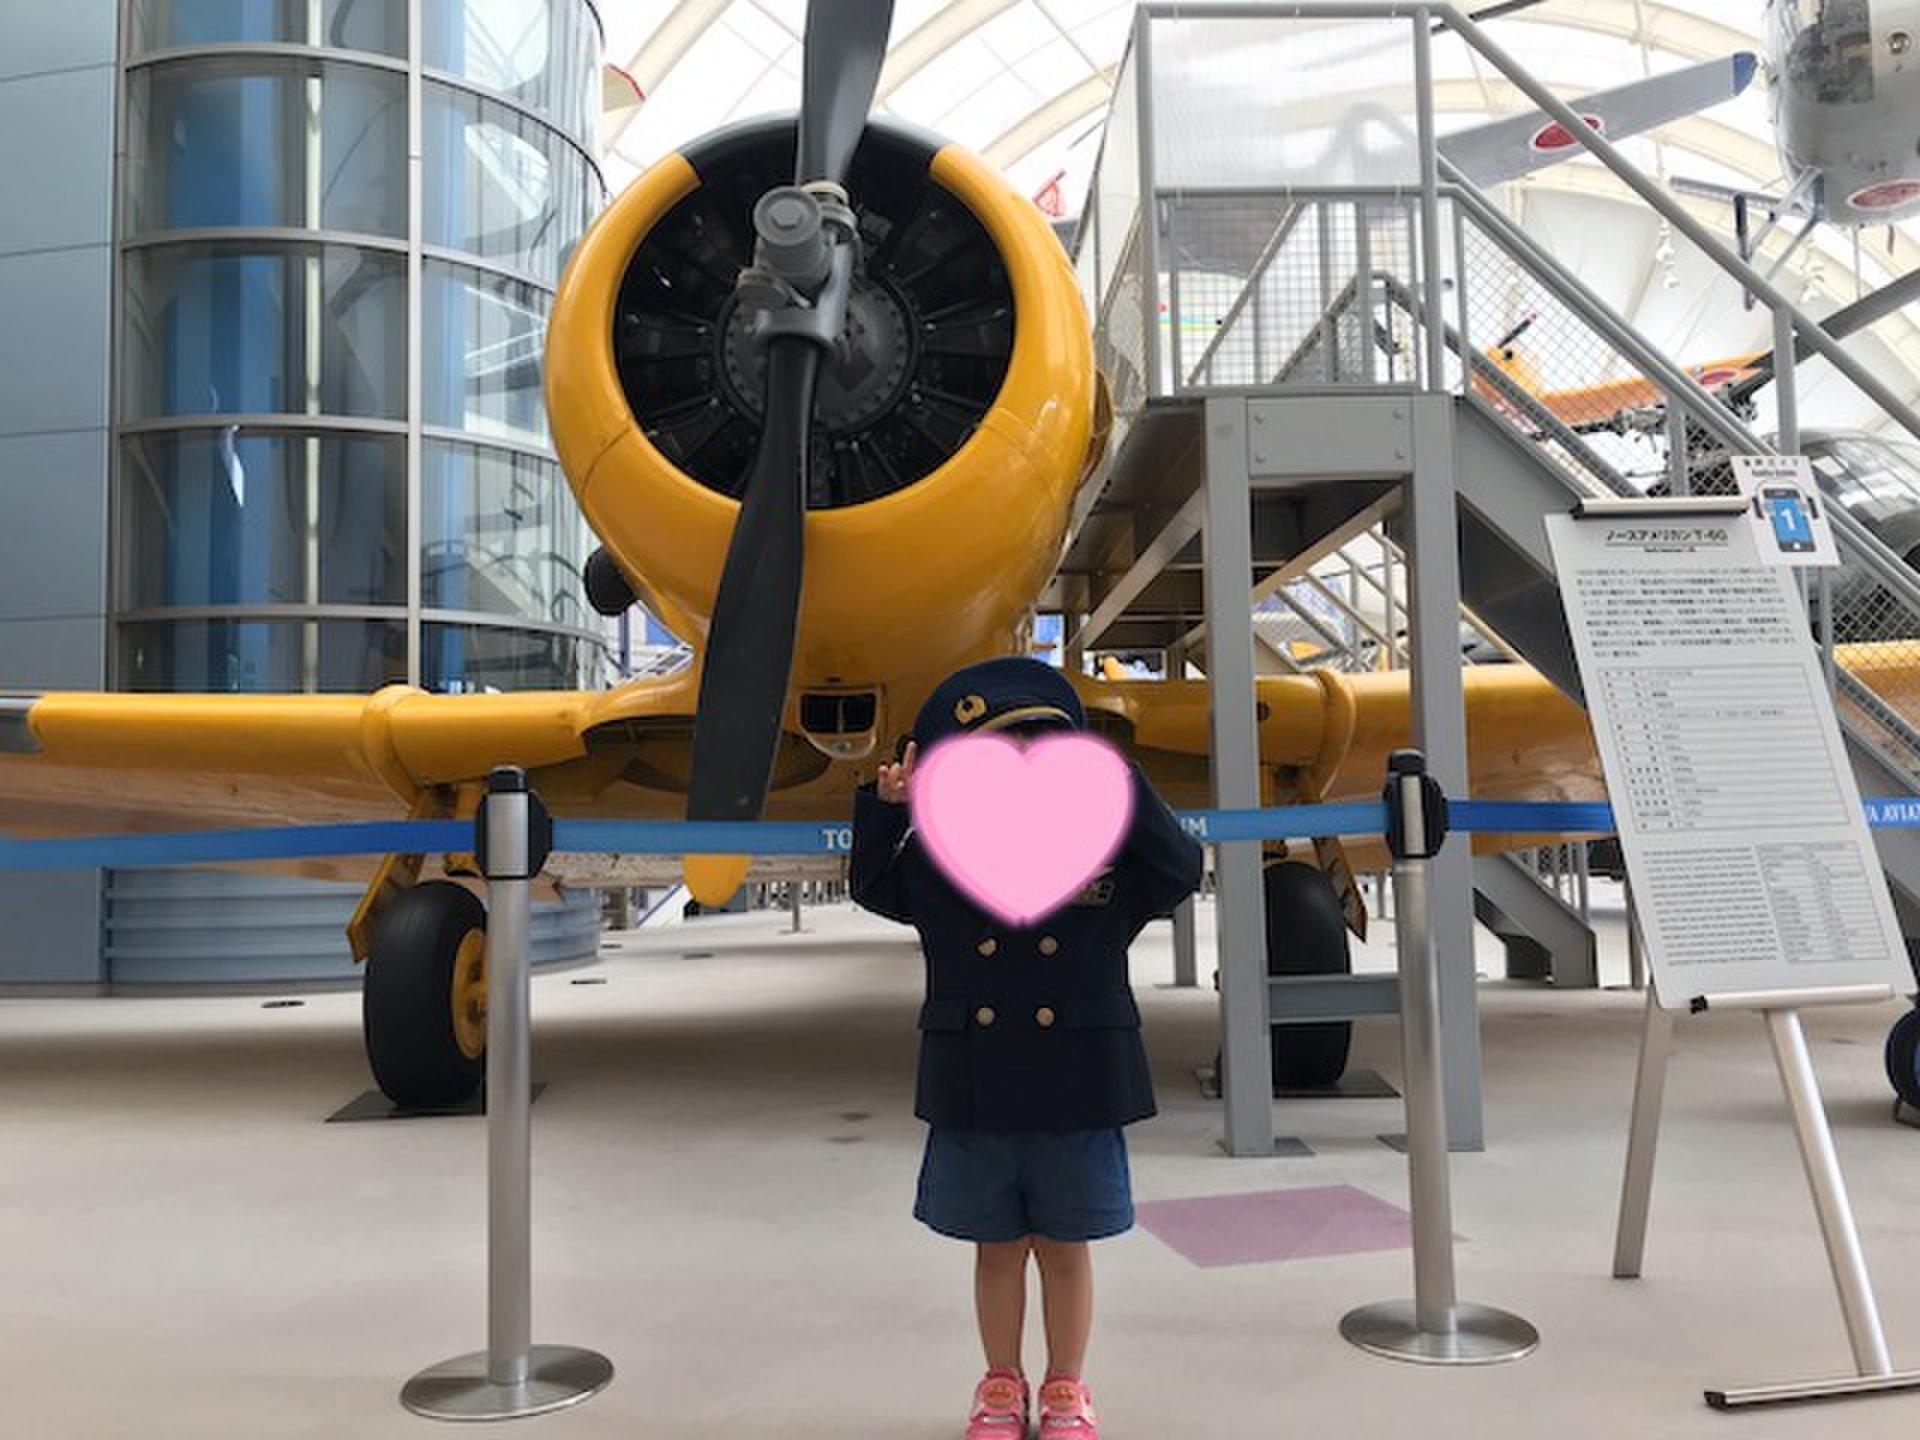 子連れファミリーは行かなきゃソン!子どもも大人も楽しめる所沢・航空記念公園とおすすめランチ